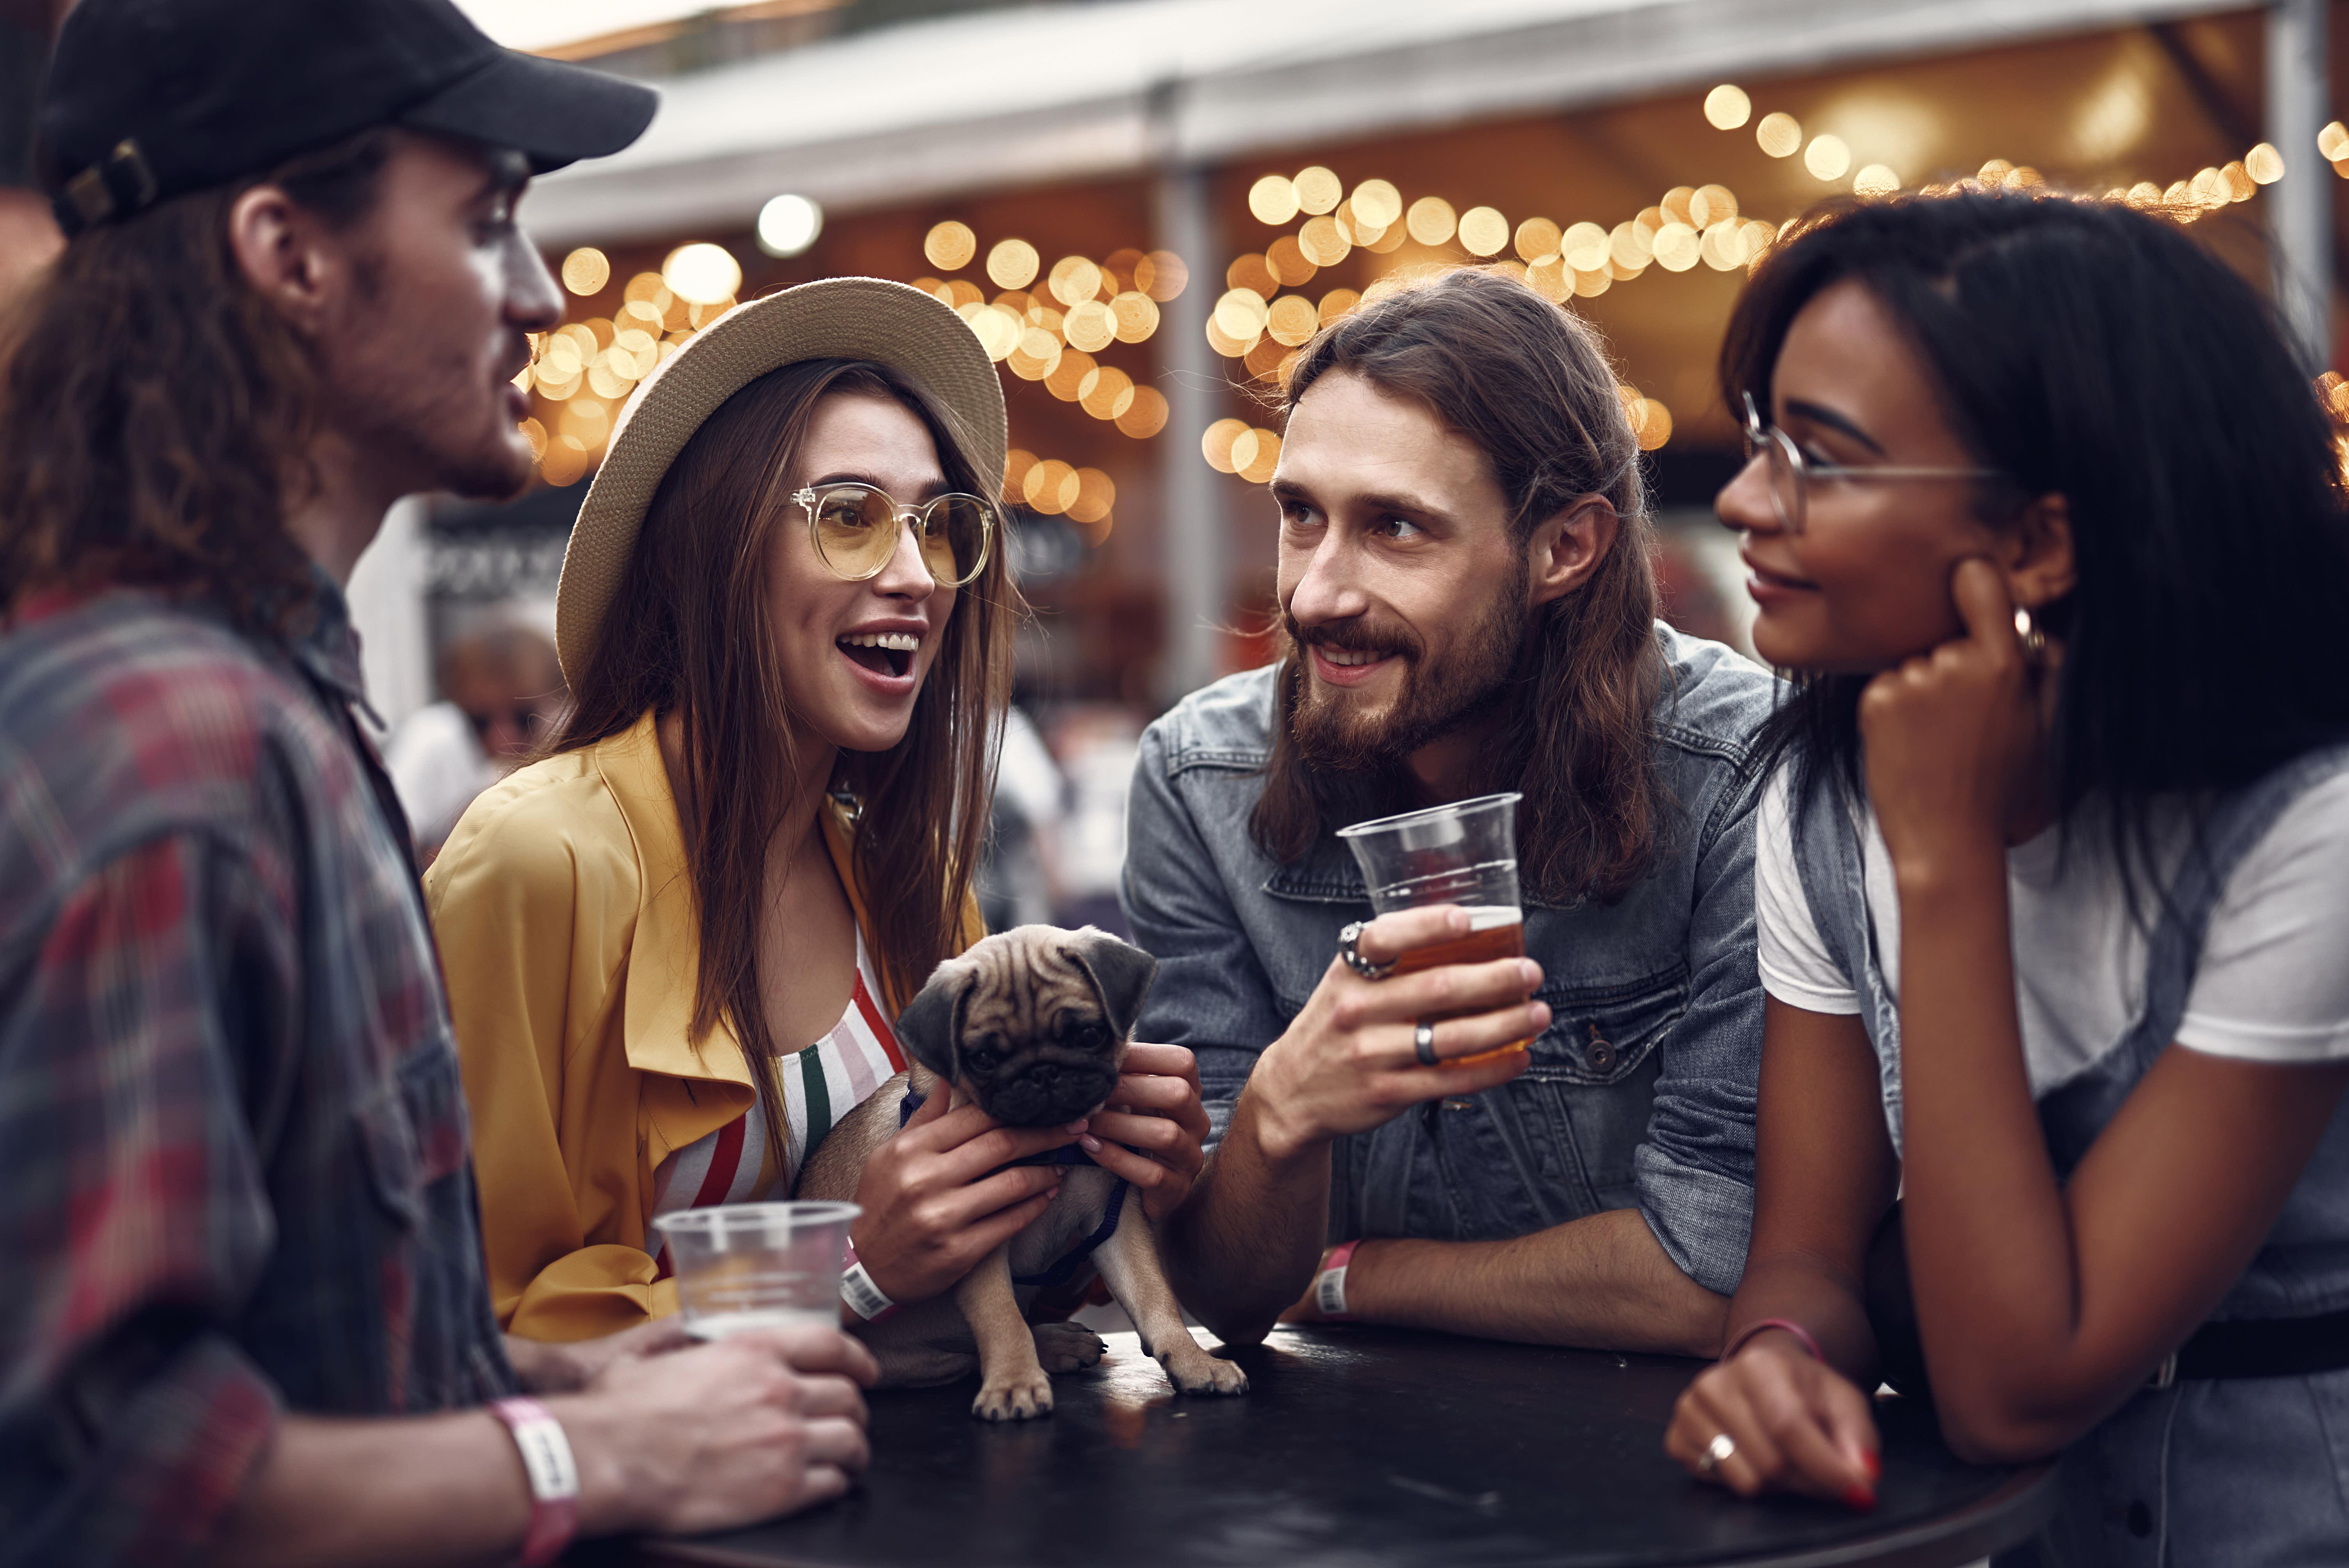 Los mejores remedios contra la resaca, según dueños de bares - Yahoo Deportes